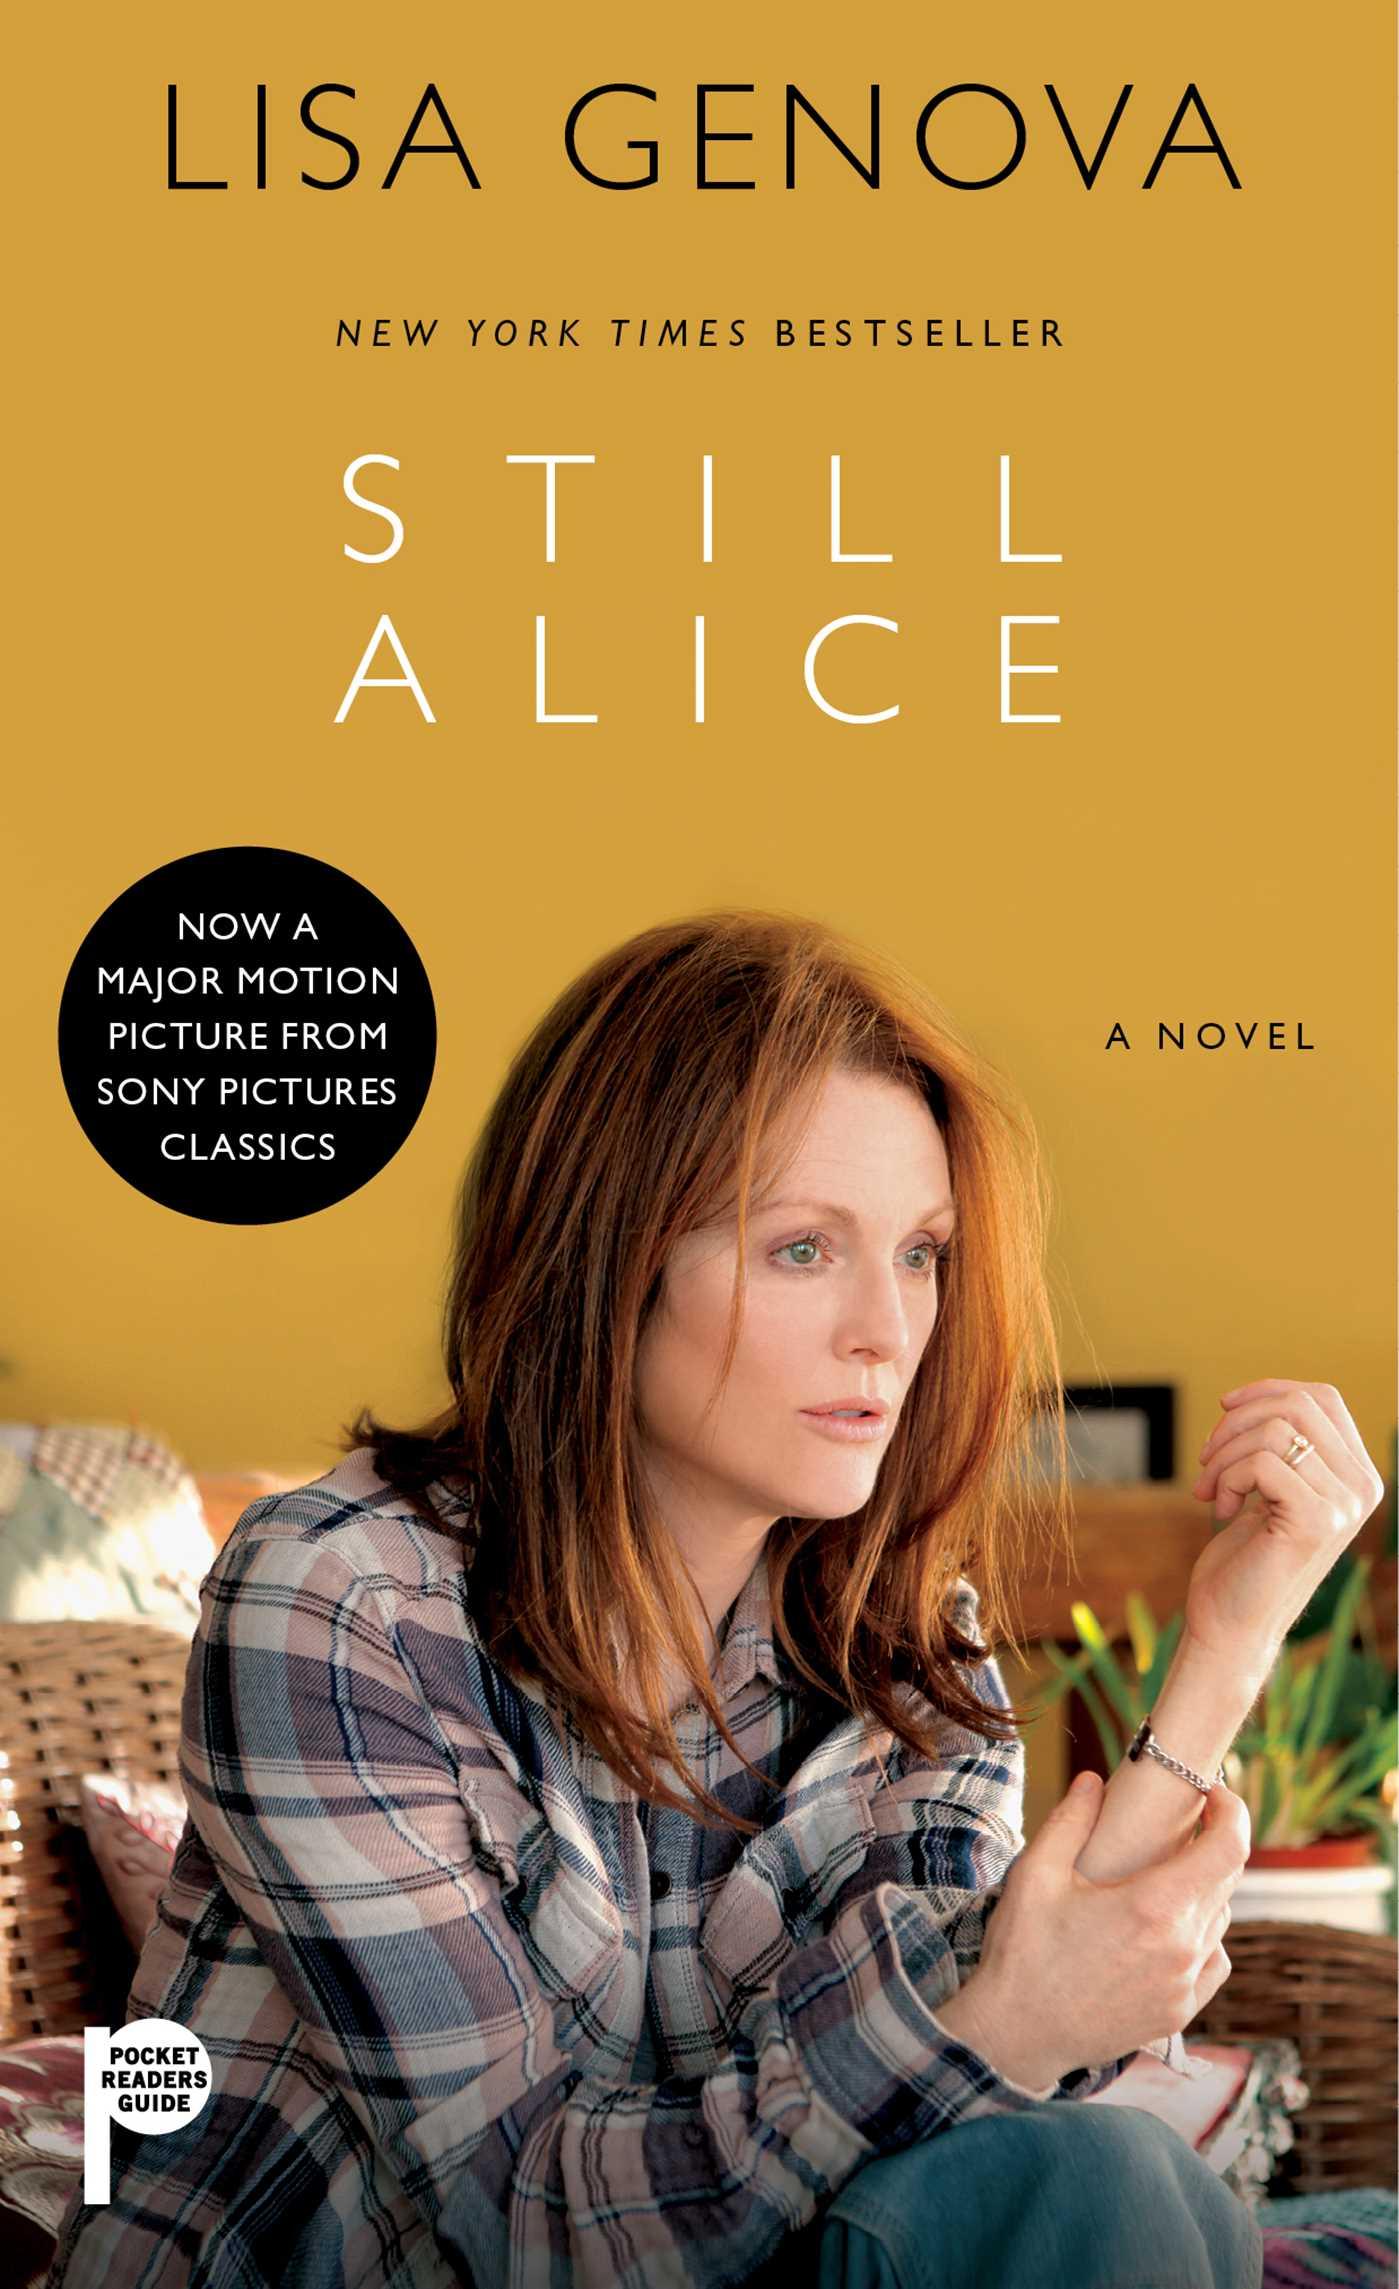 Still Alice starring Julianne Moore